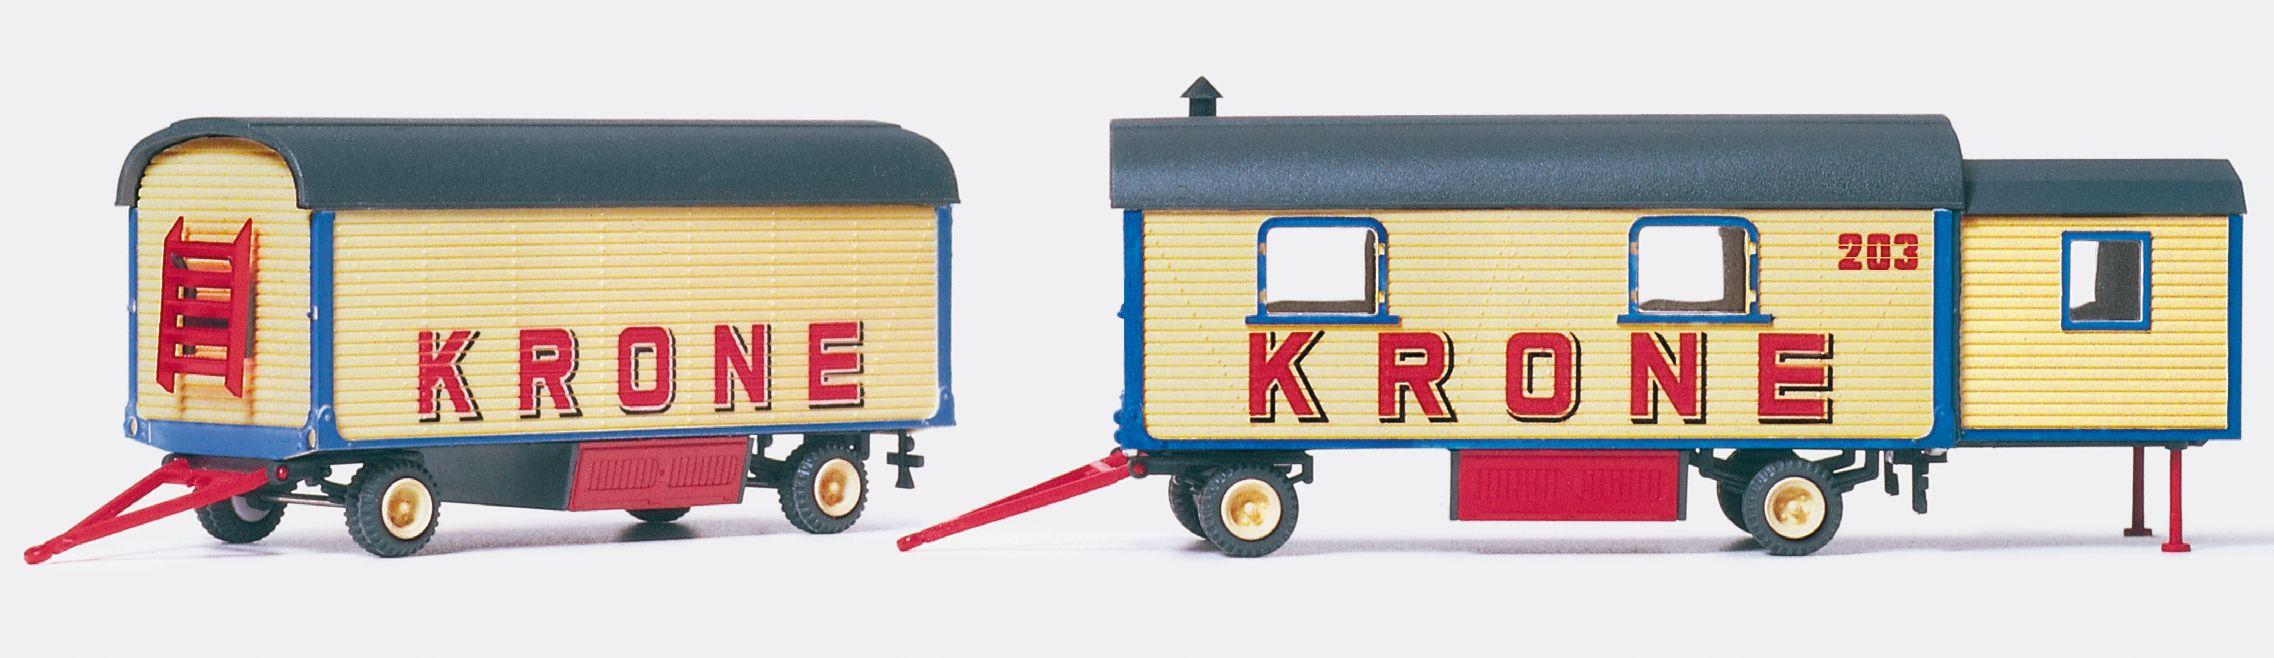 1:87 Zirkus Krone Wohn- und Packwagen, Bausatz- Preiser 21051  | günstig bestellen bei Modelleisenbahn Center  MCS Vertriebs GmbH